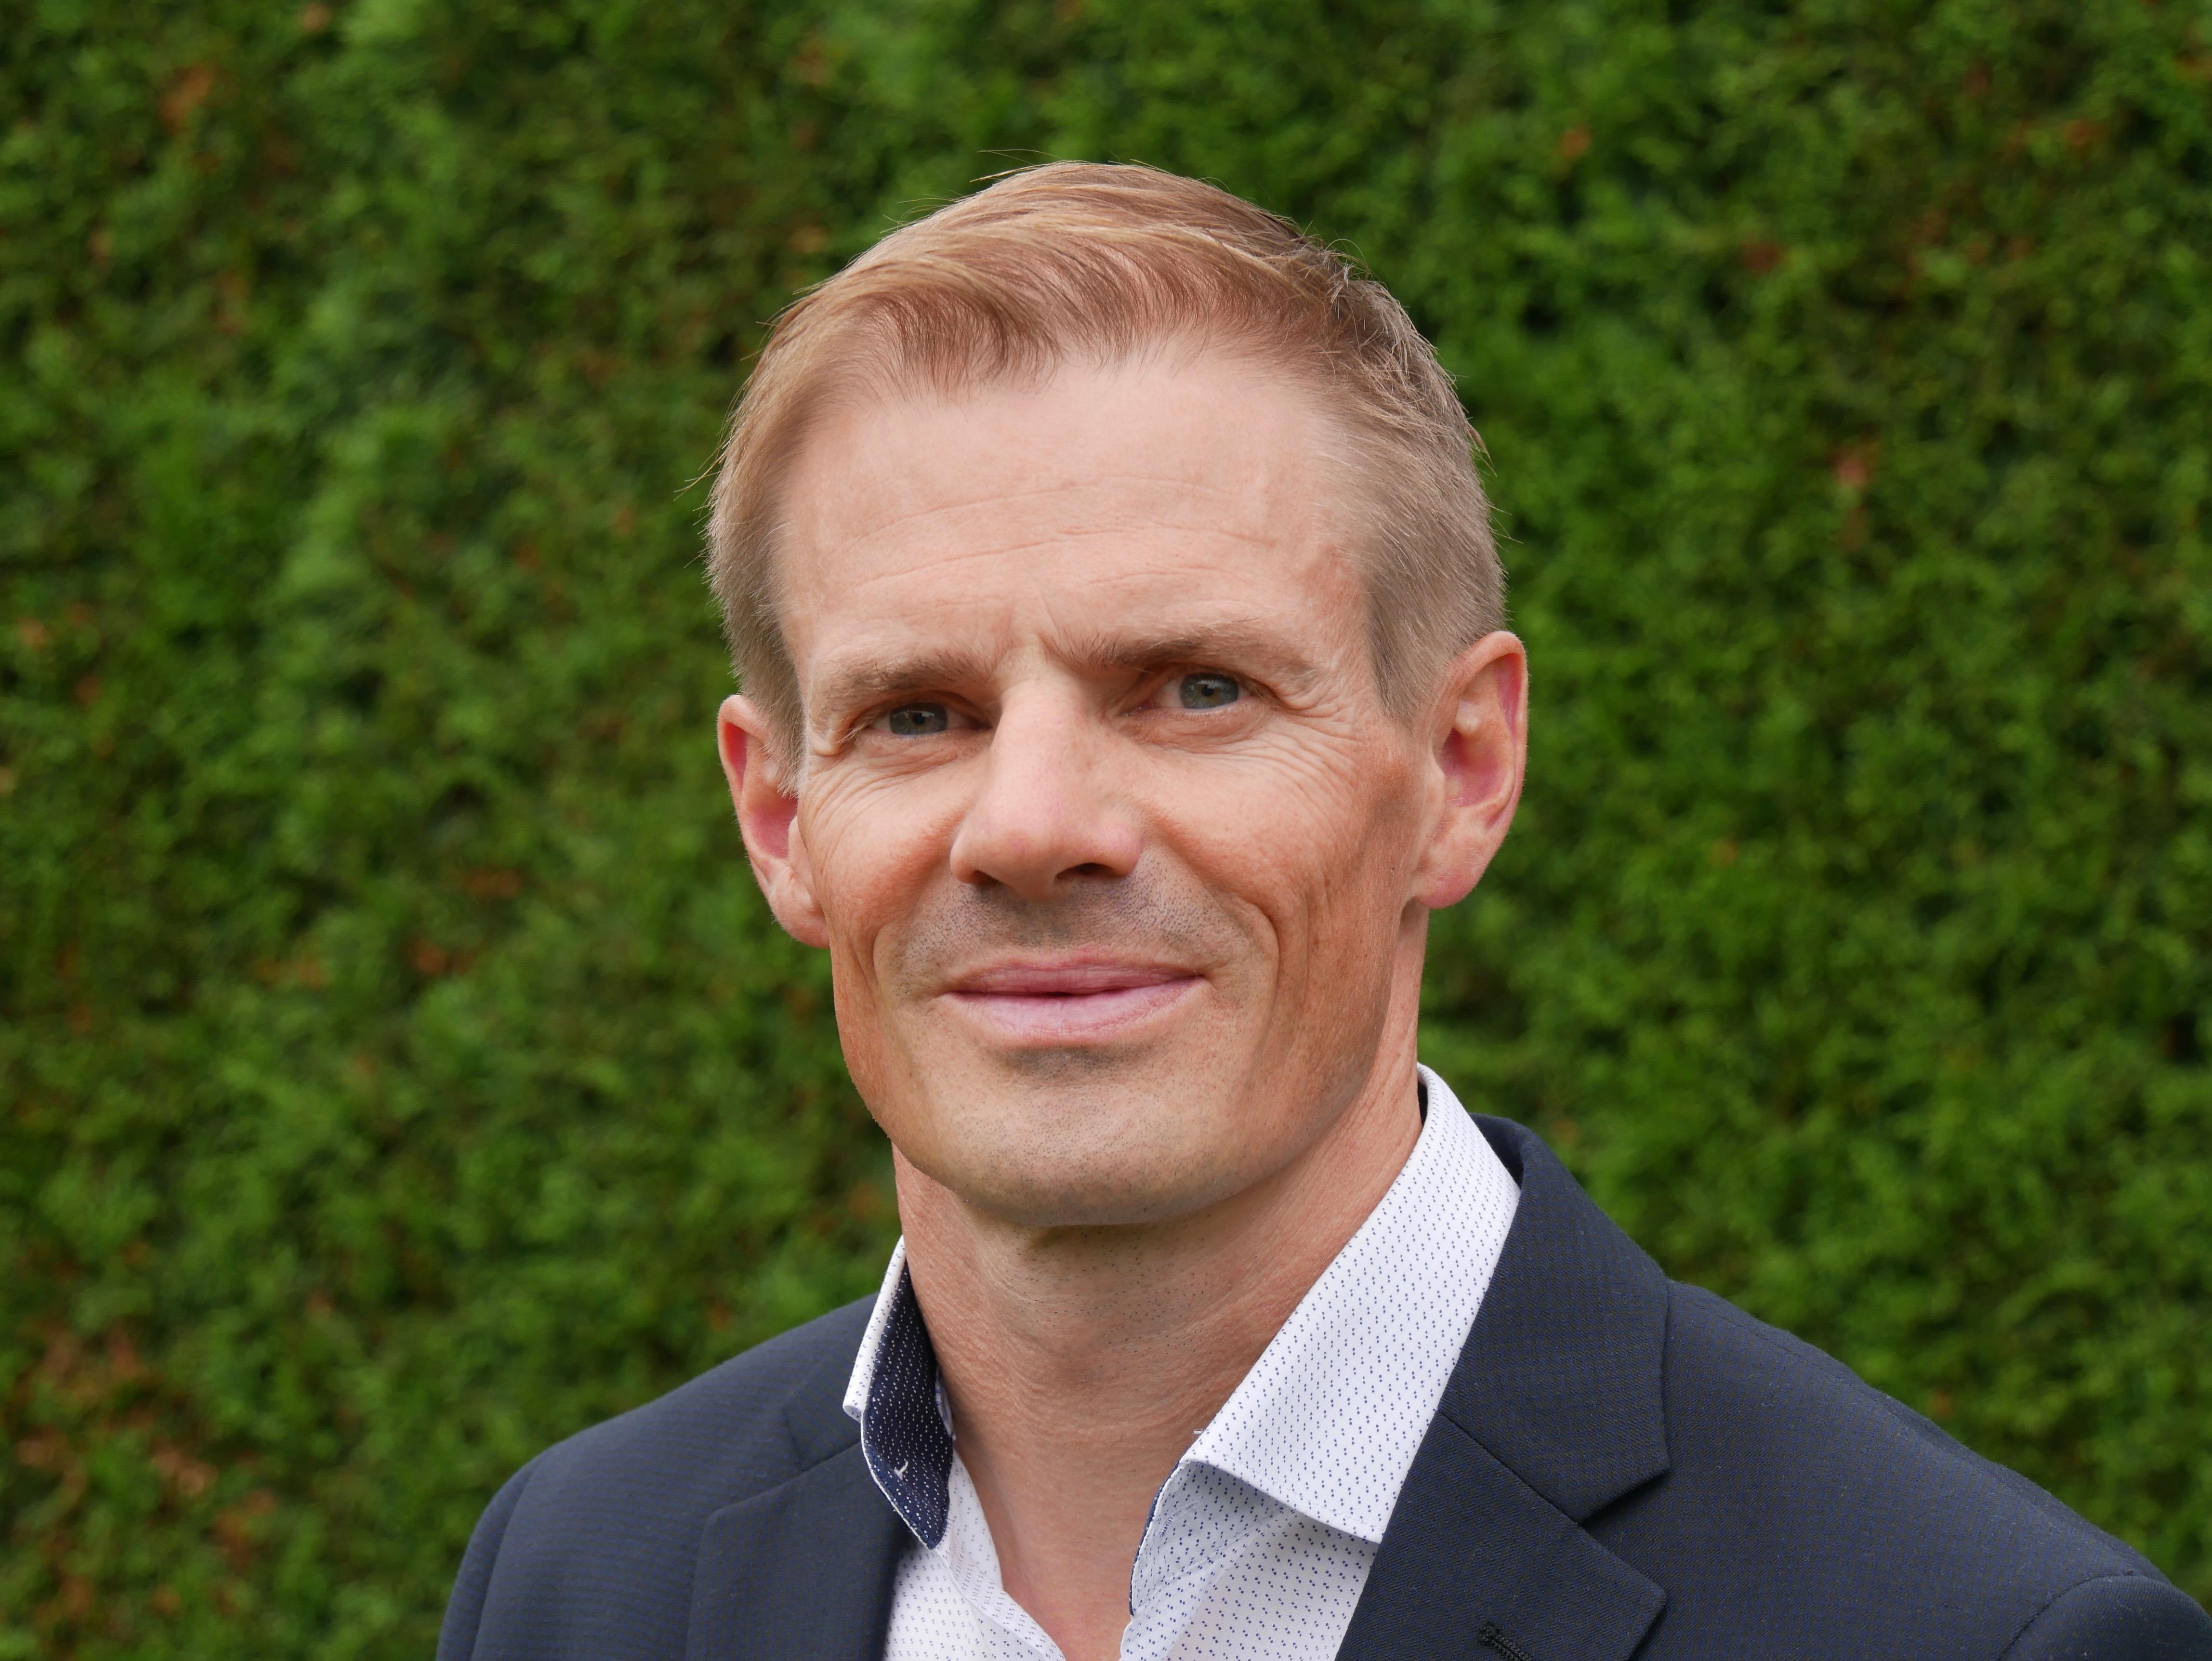 Foto von Martin Leemann, neuer Sportamtschef per 1. März 2018